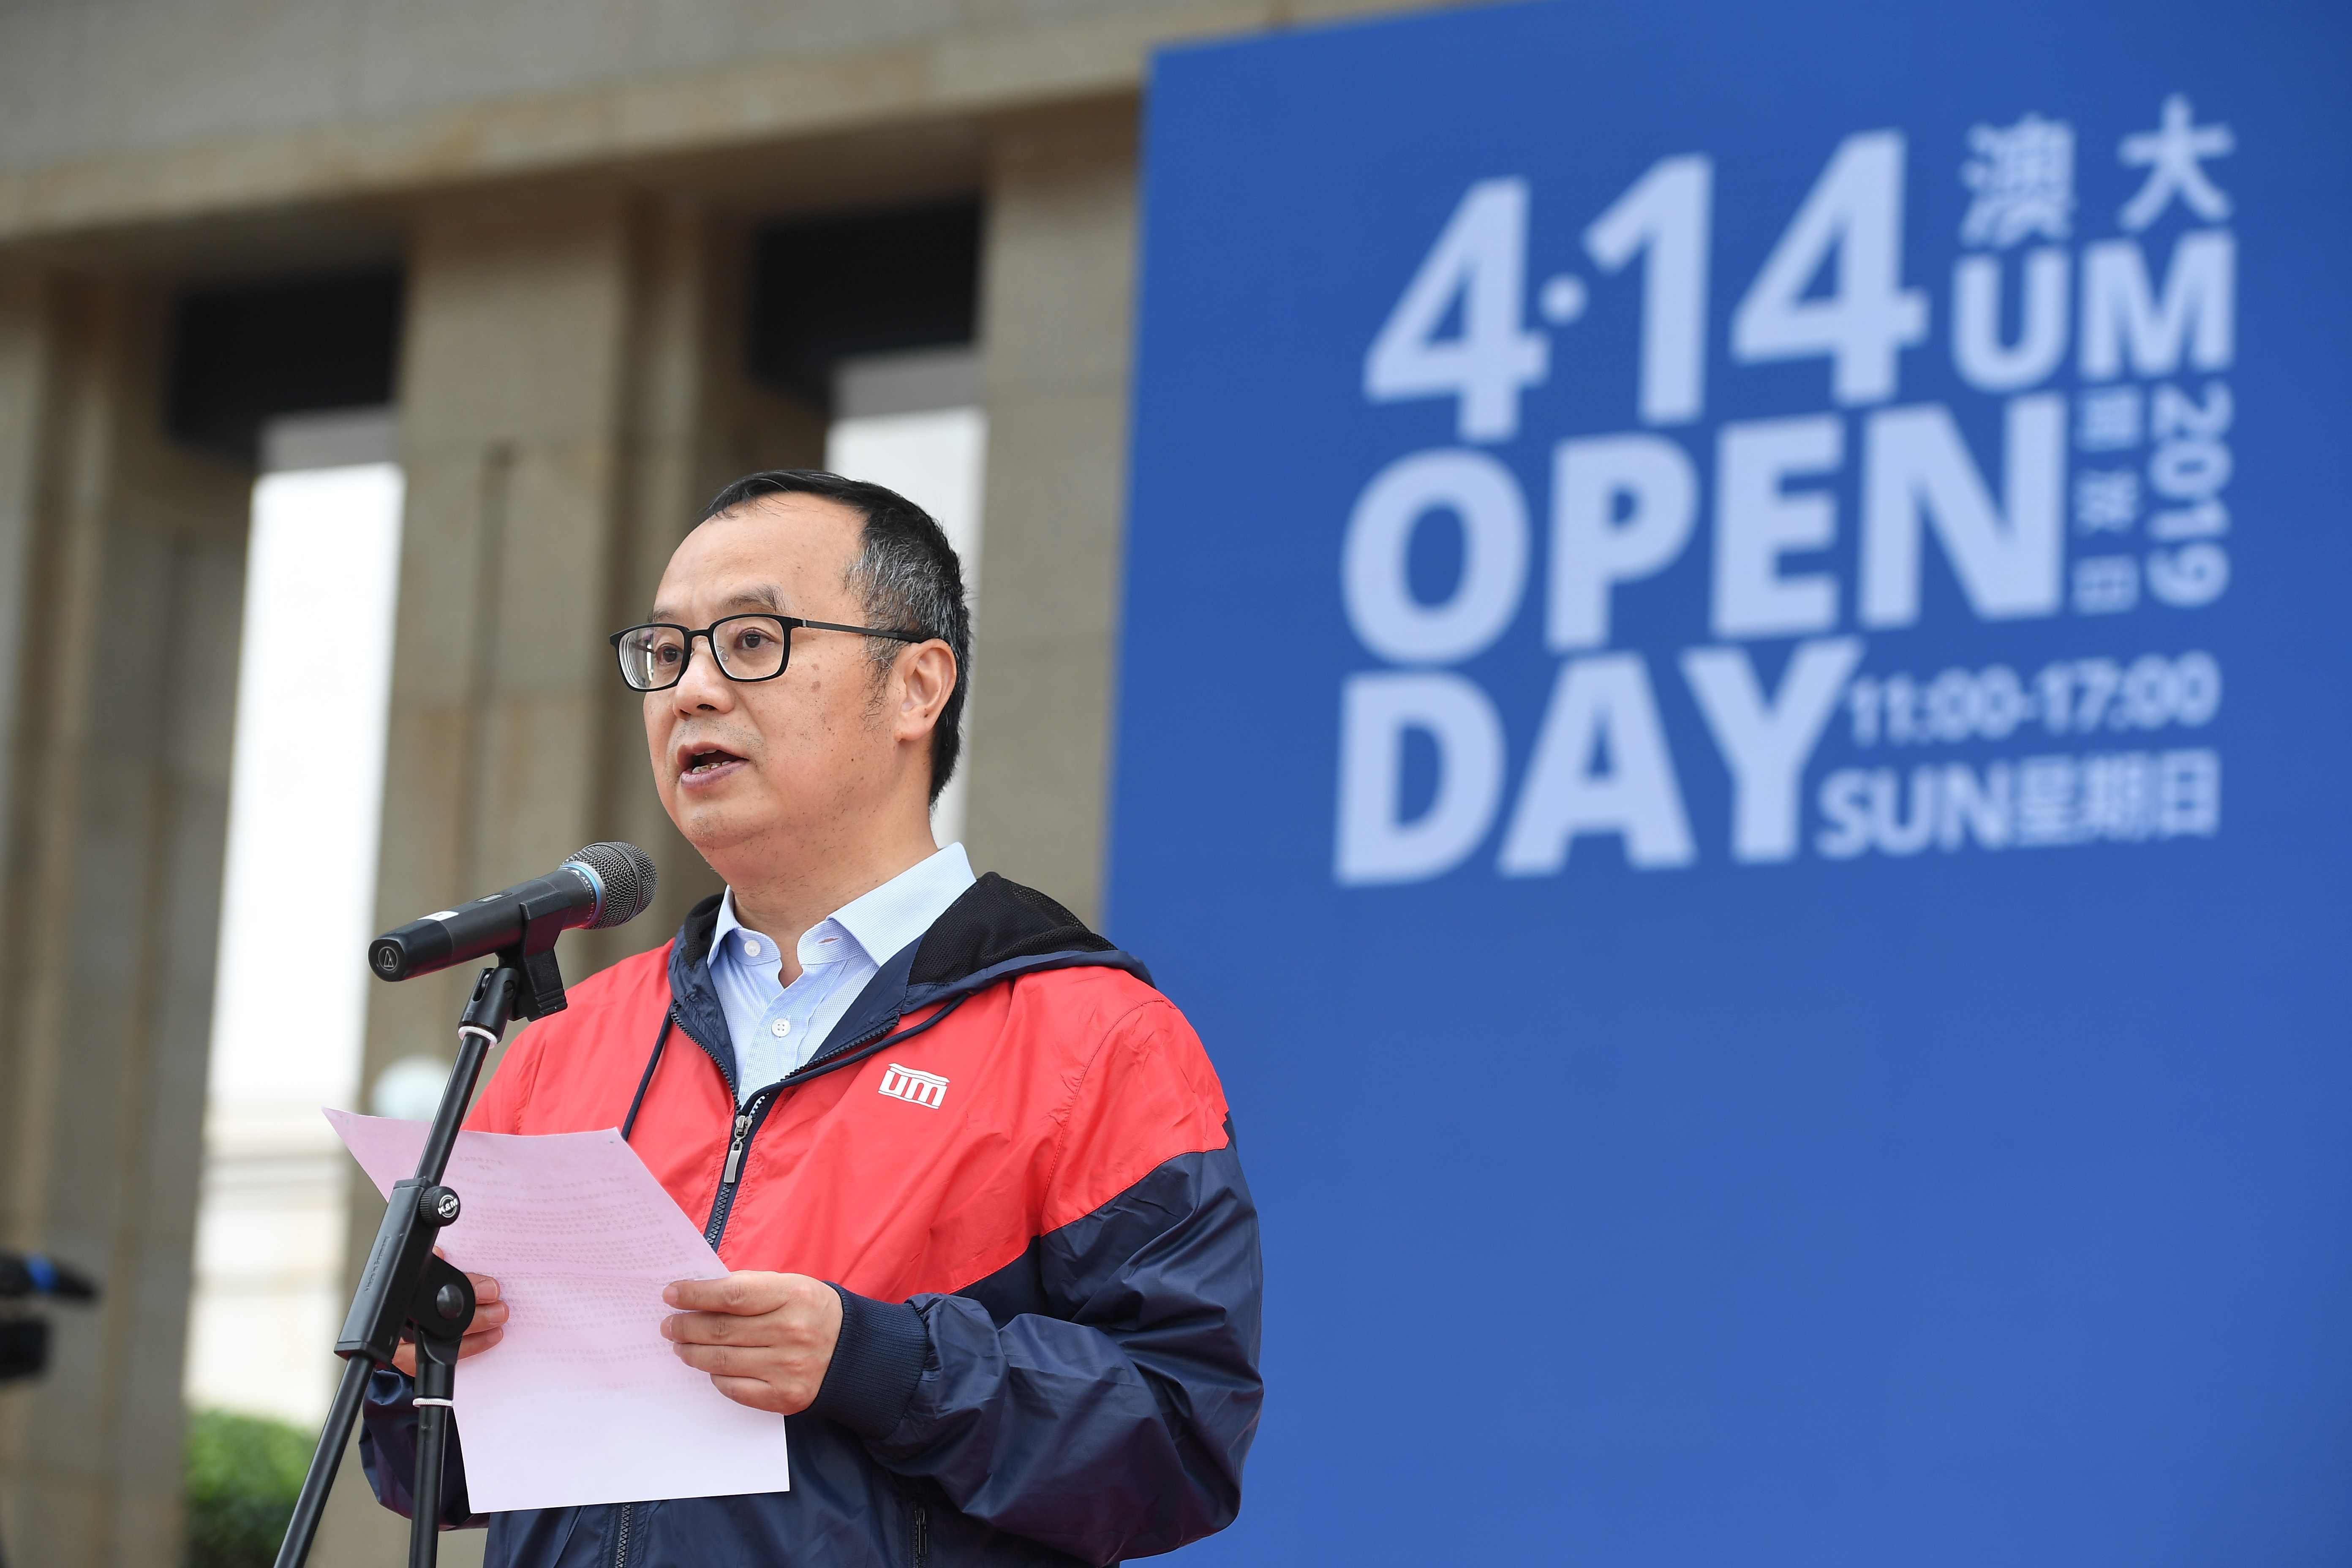 Rector Yonghua Song